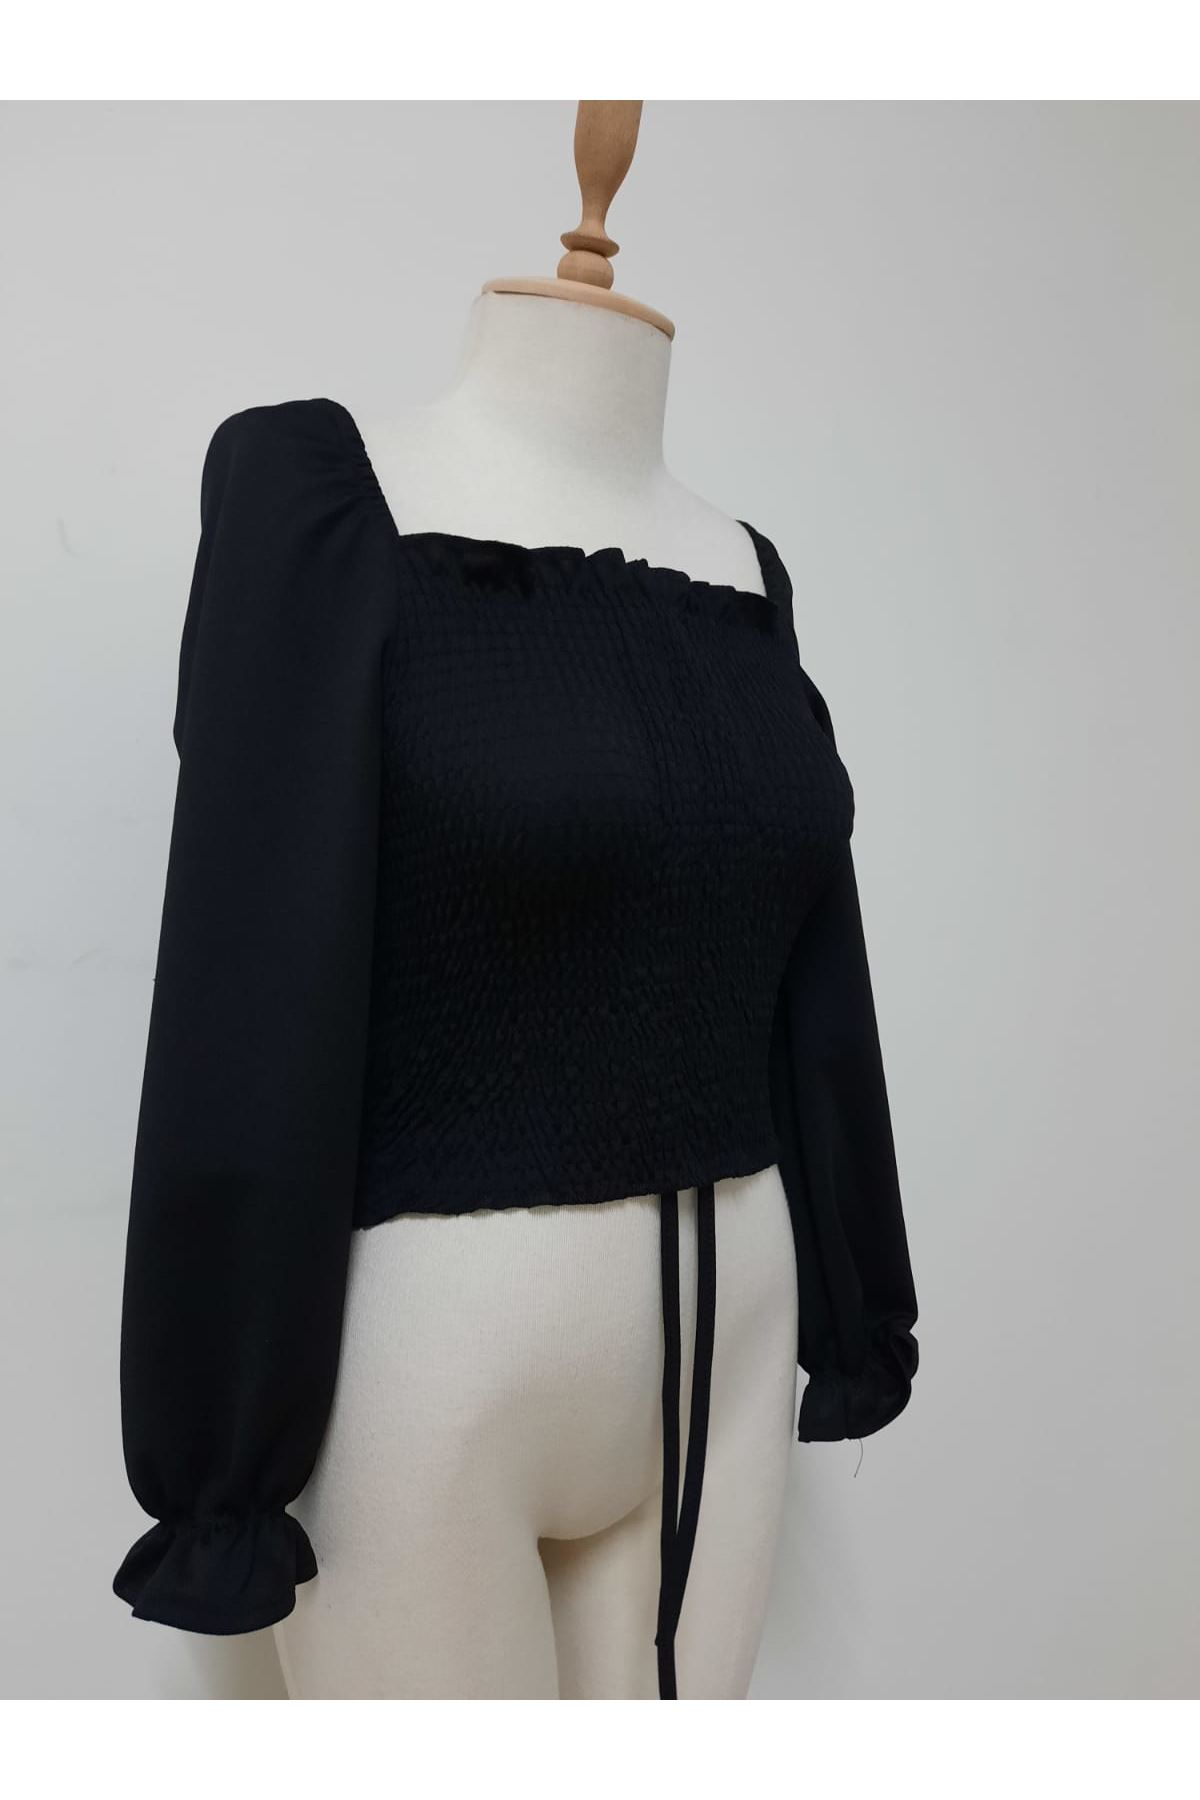 Geniş Yaka Crop Bluz - siyah